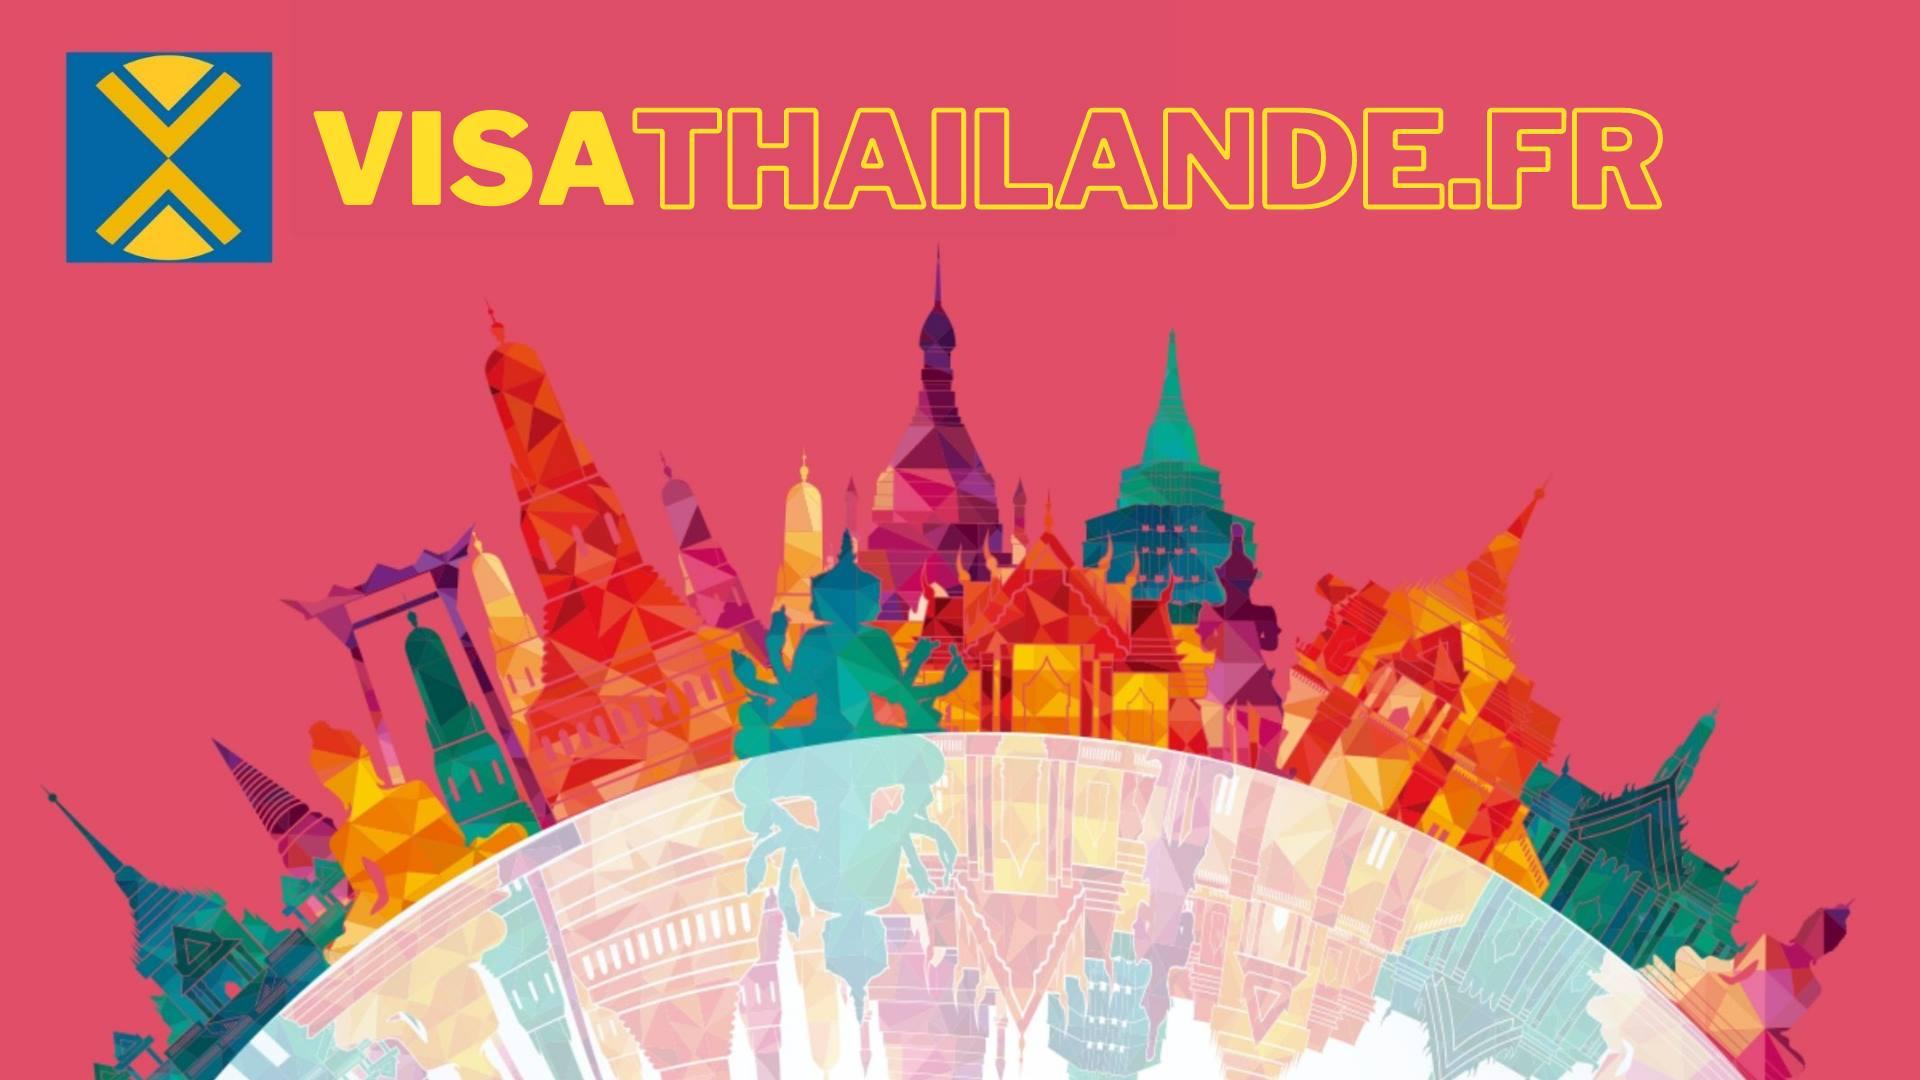 Visathailande